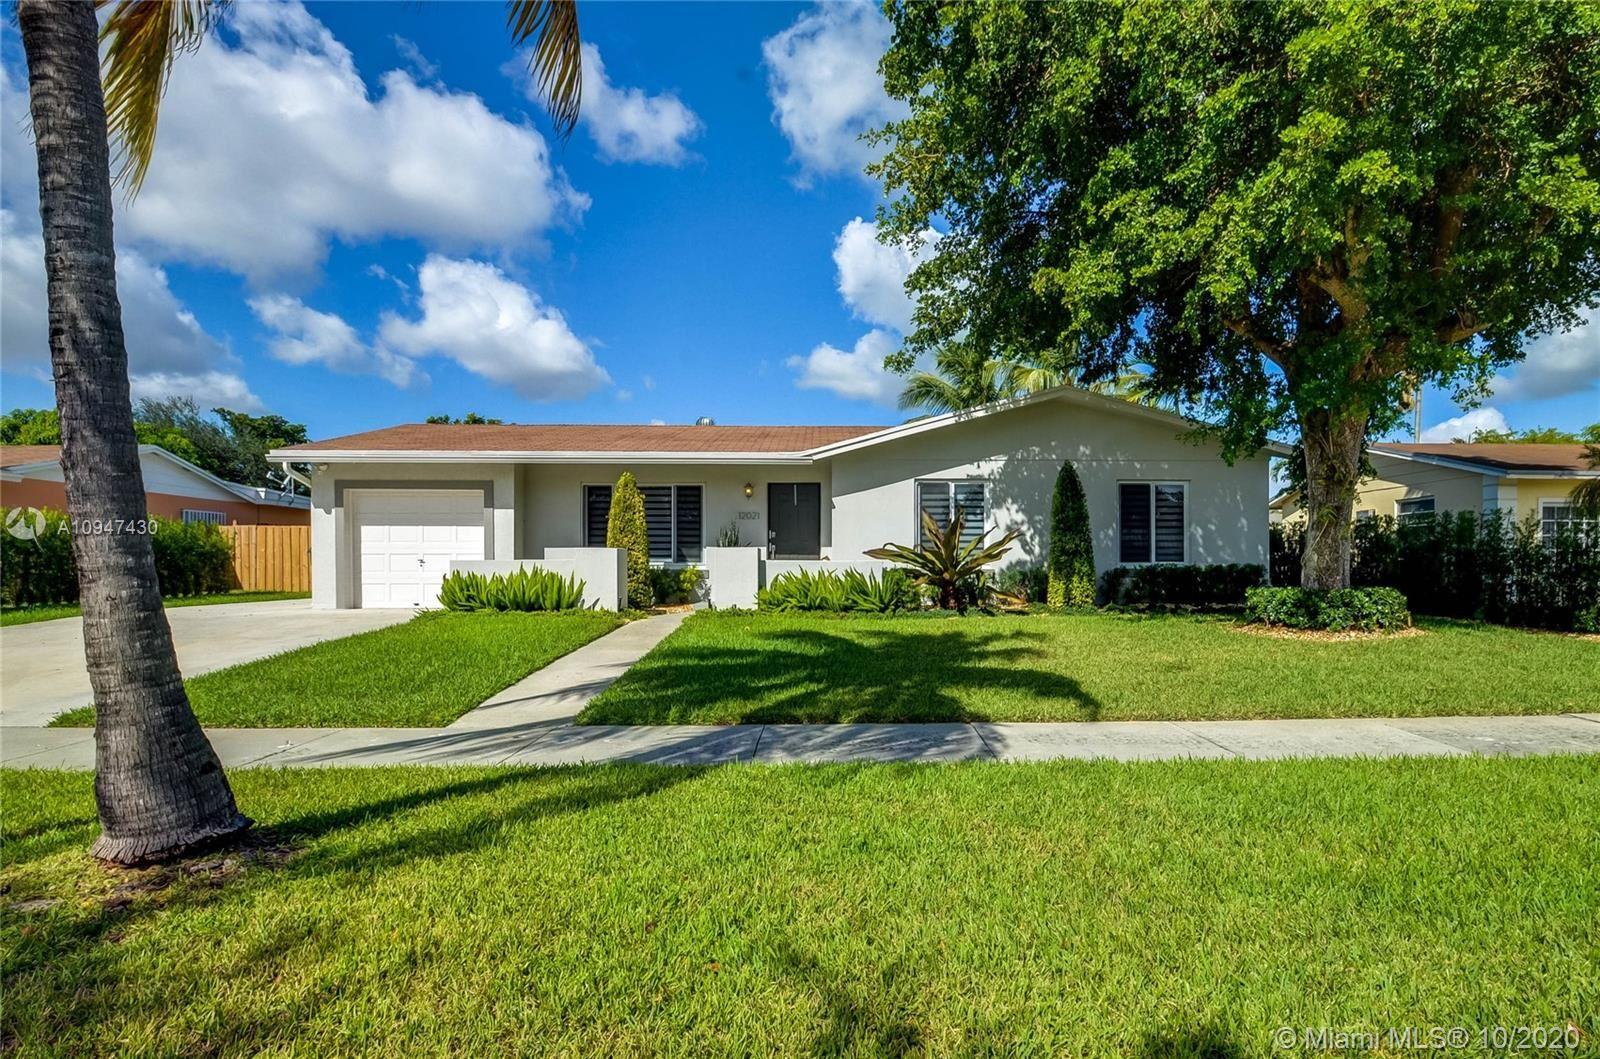 12021 SW 106th St, Miami, FL 33186 - #: A10947430